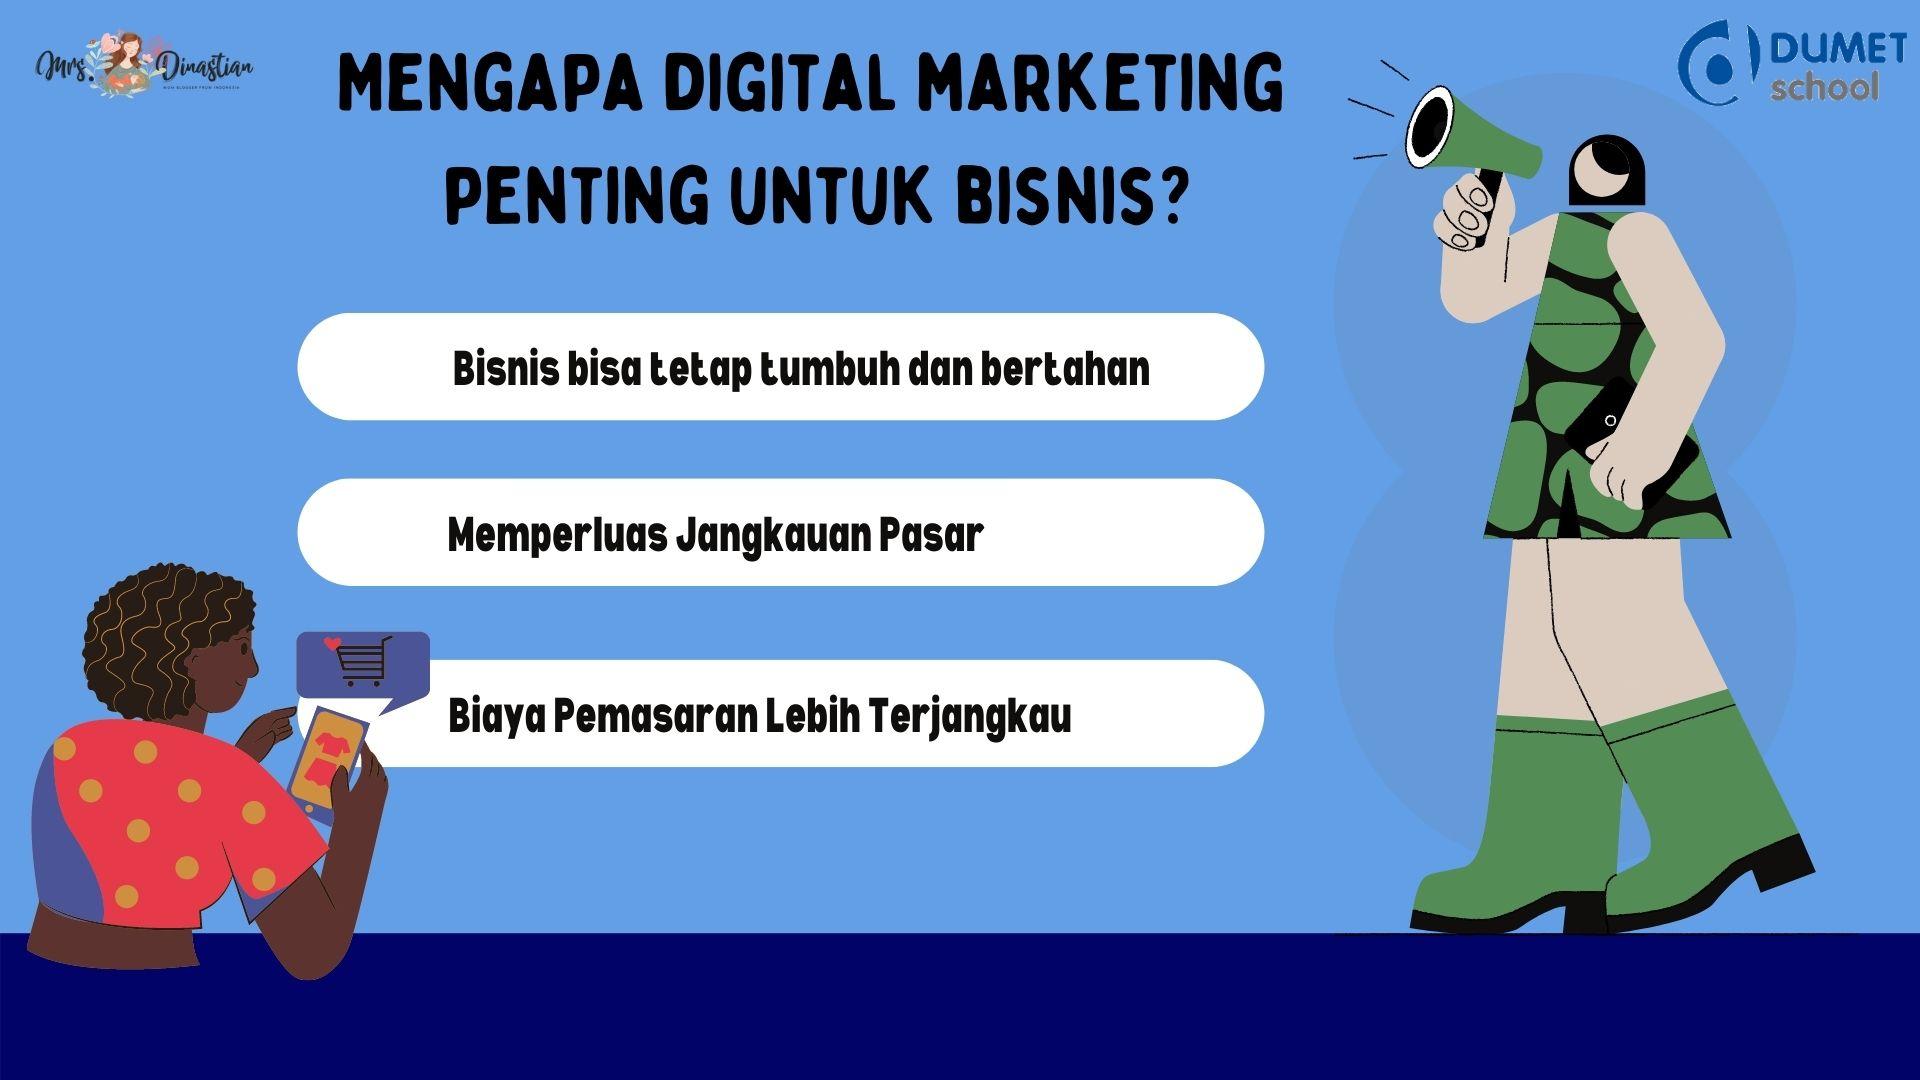 Mengapa Digital Marketing Penting Untuk Bisnis?